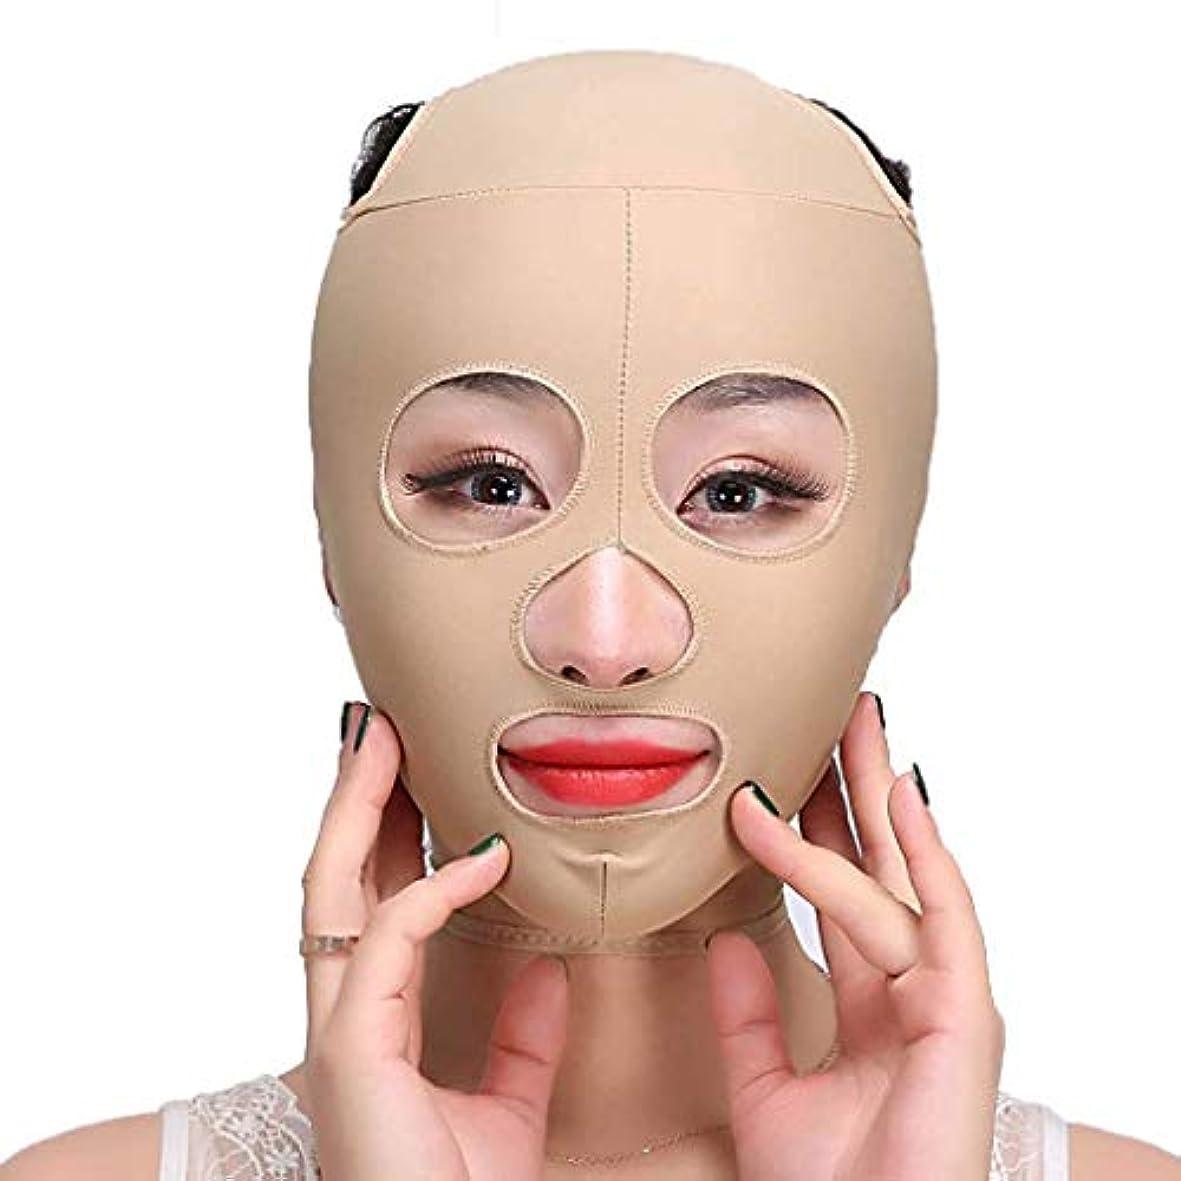 グレーコーデリアうまくやる()痩身ベルト、フェイスマスクシンフェイス機器リフティング引き締めVフェイス男性と女性フェイスリフティングステッカーダブルチンフェイスリフティングフェイスマスク包帯フェイシャルマッサージ(サイズ:M)